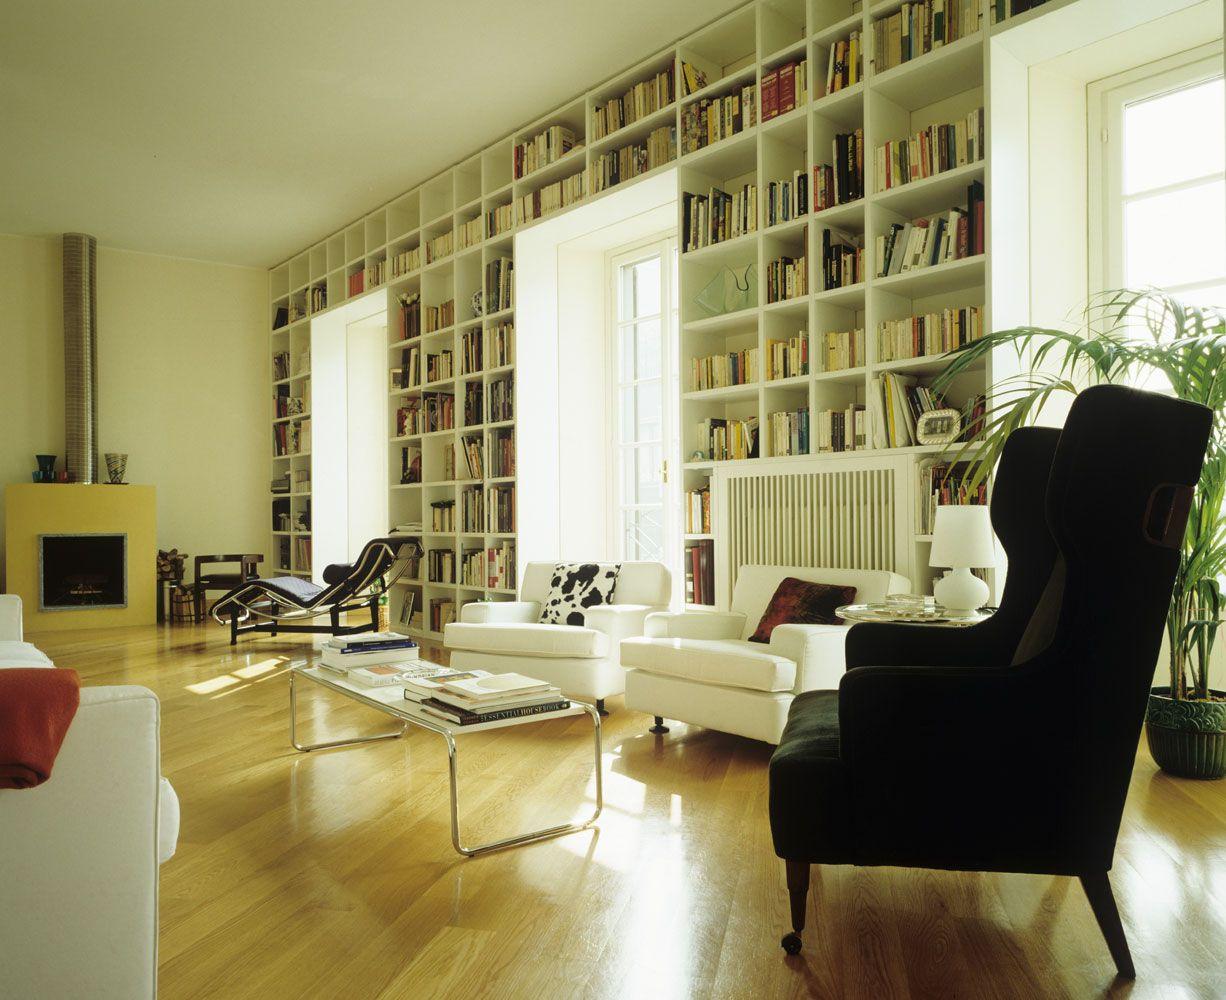 soggiorni contemporanei ? 100 idee e stile per un soggiorno raffinato - Idee Soggiorno Contemporaneo